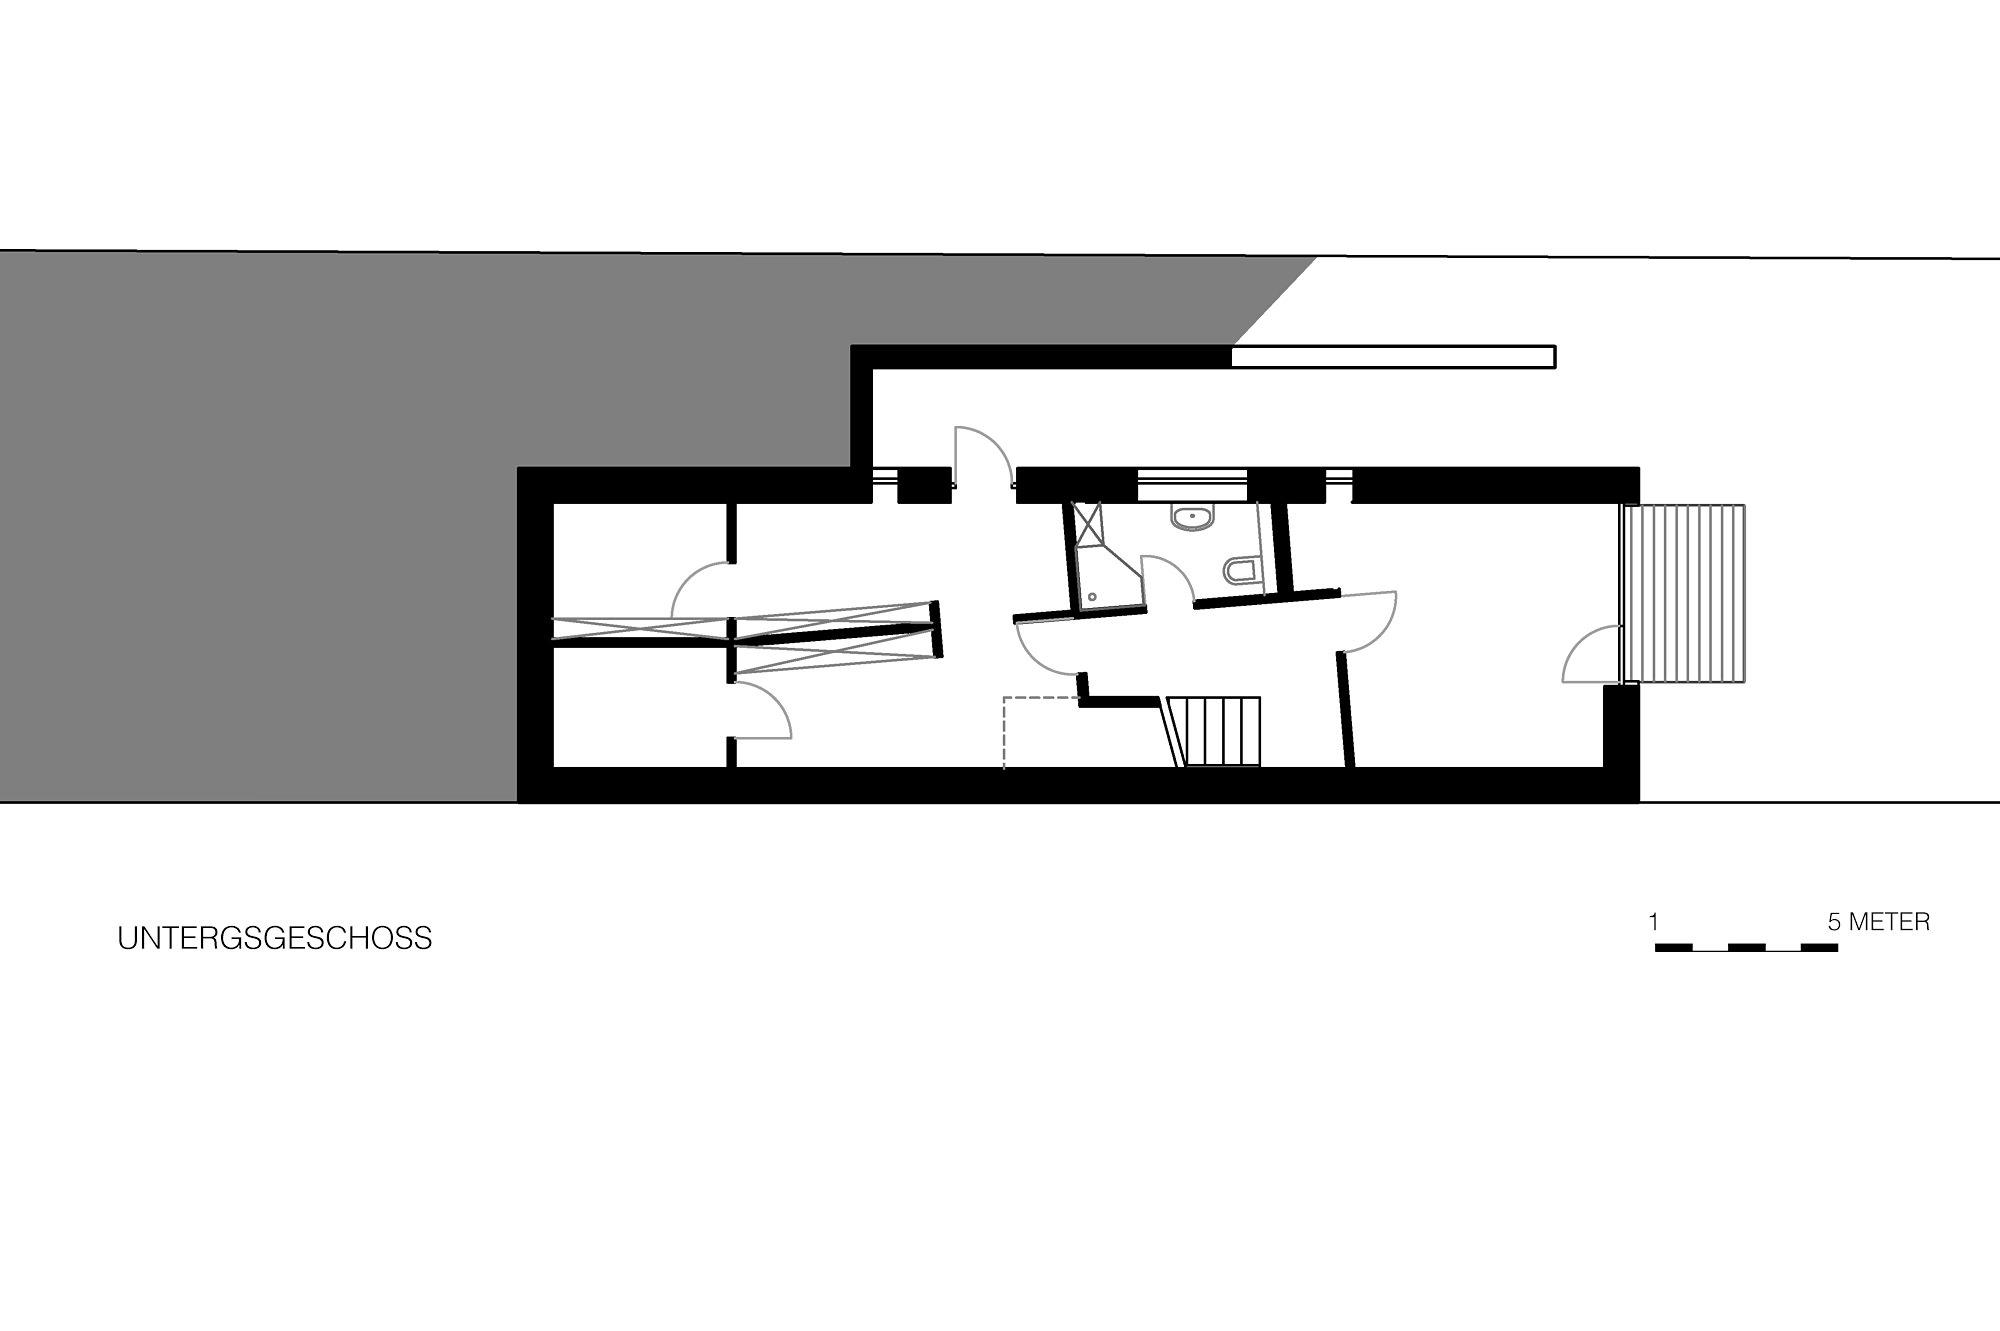 haus_ik_08_haus_im_park_1180_wien_junger_beer_architektur